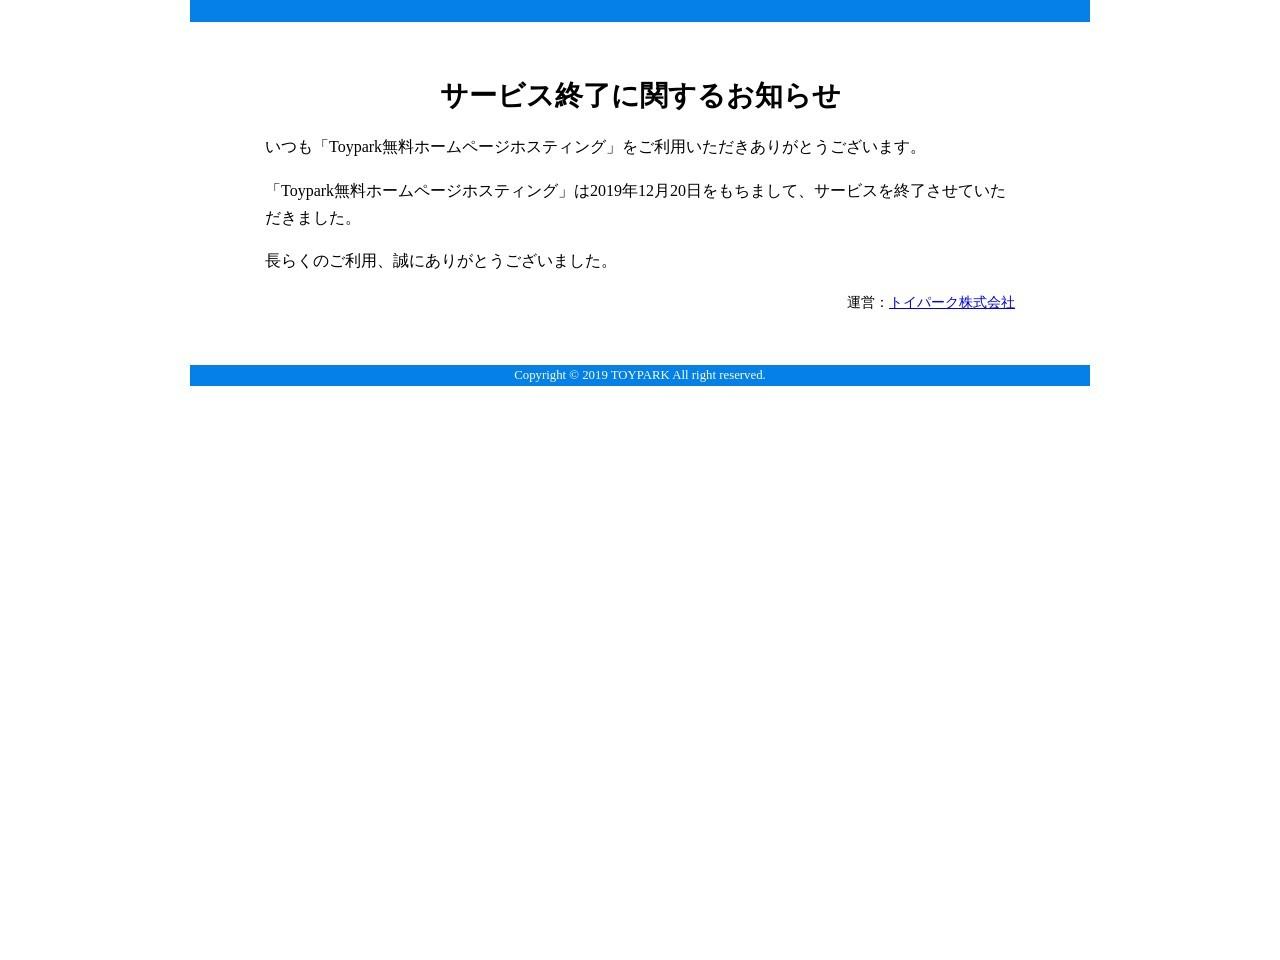 吉田整備株式会社